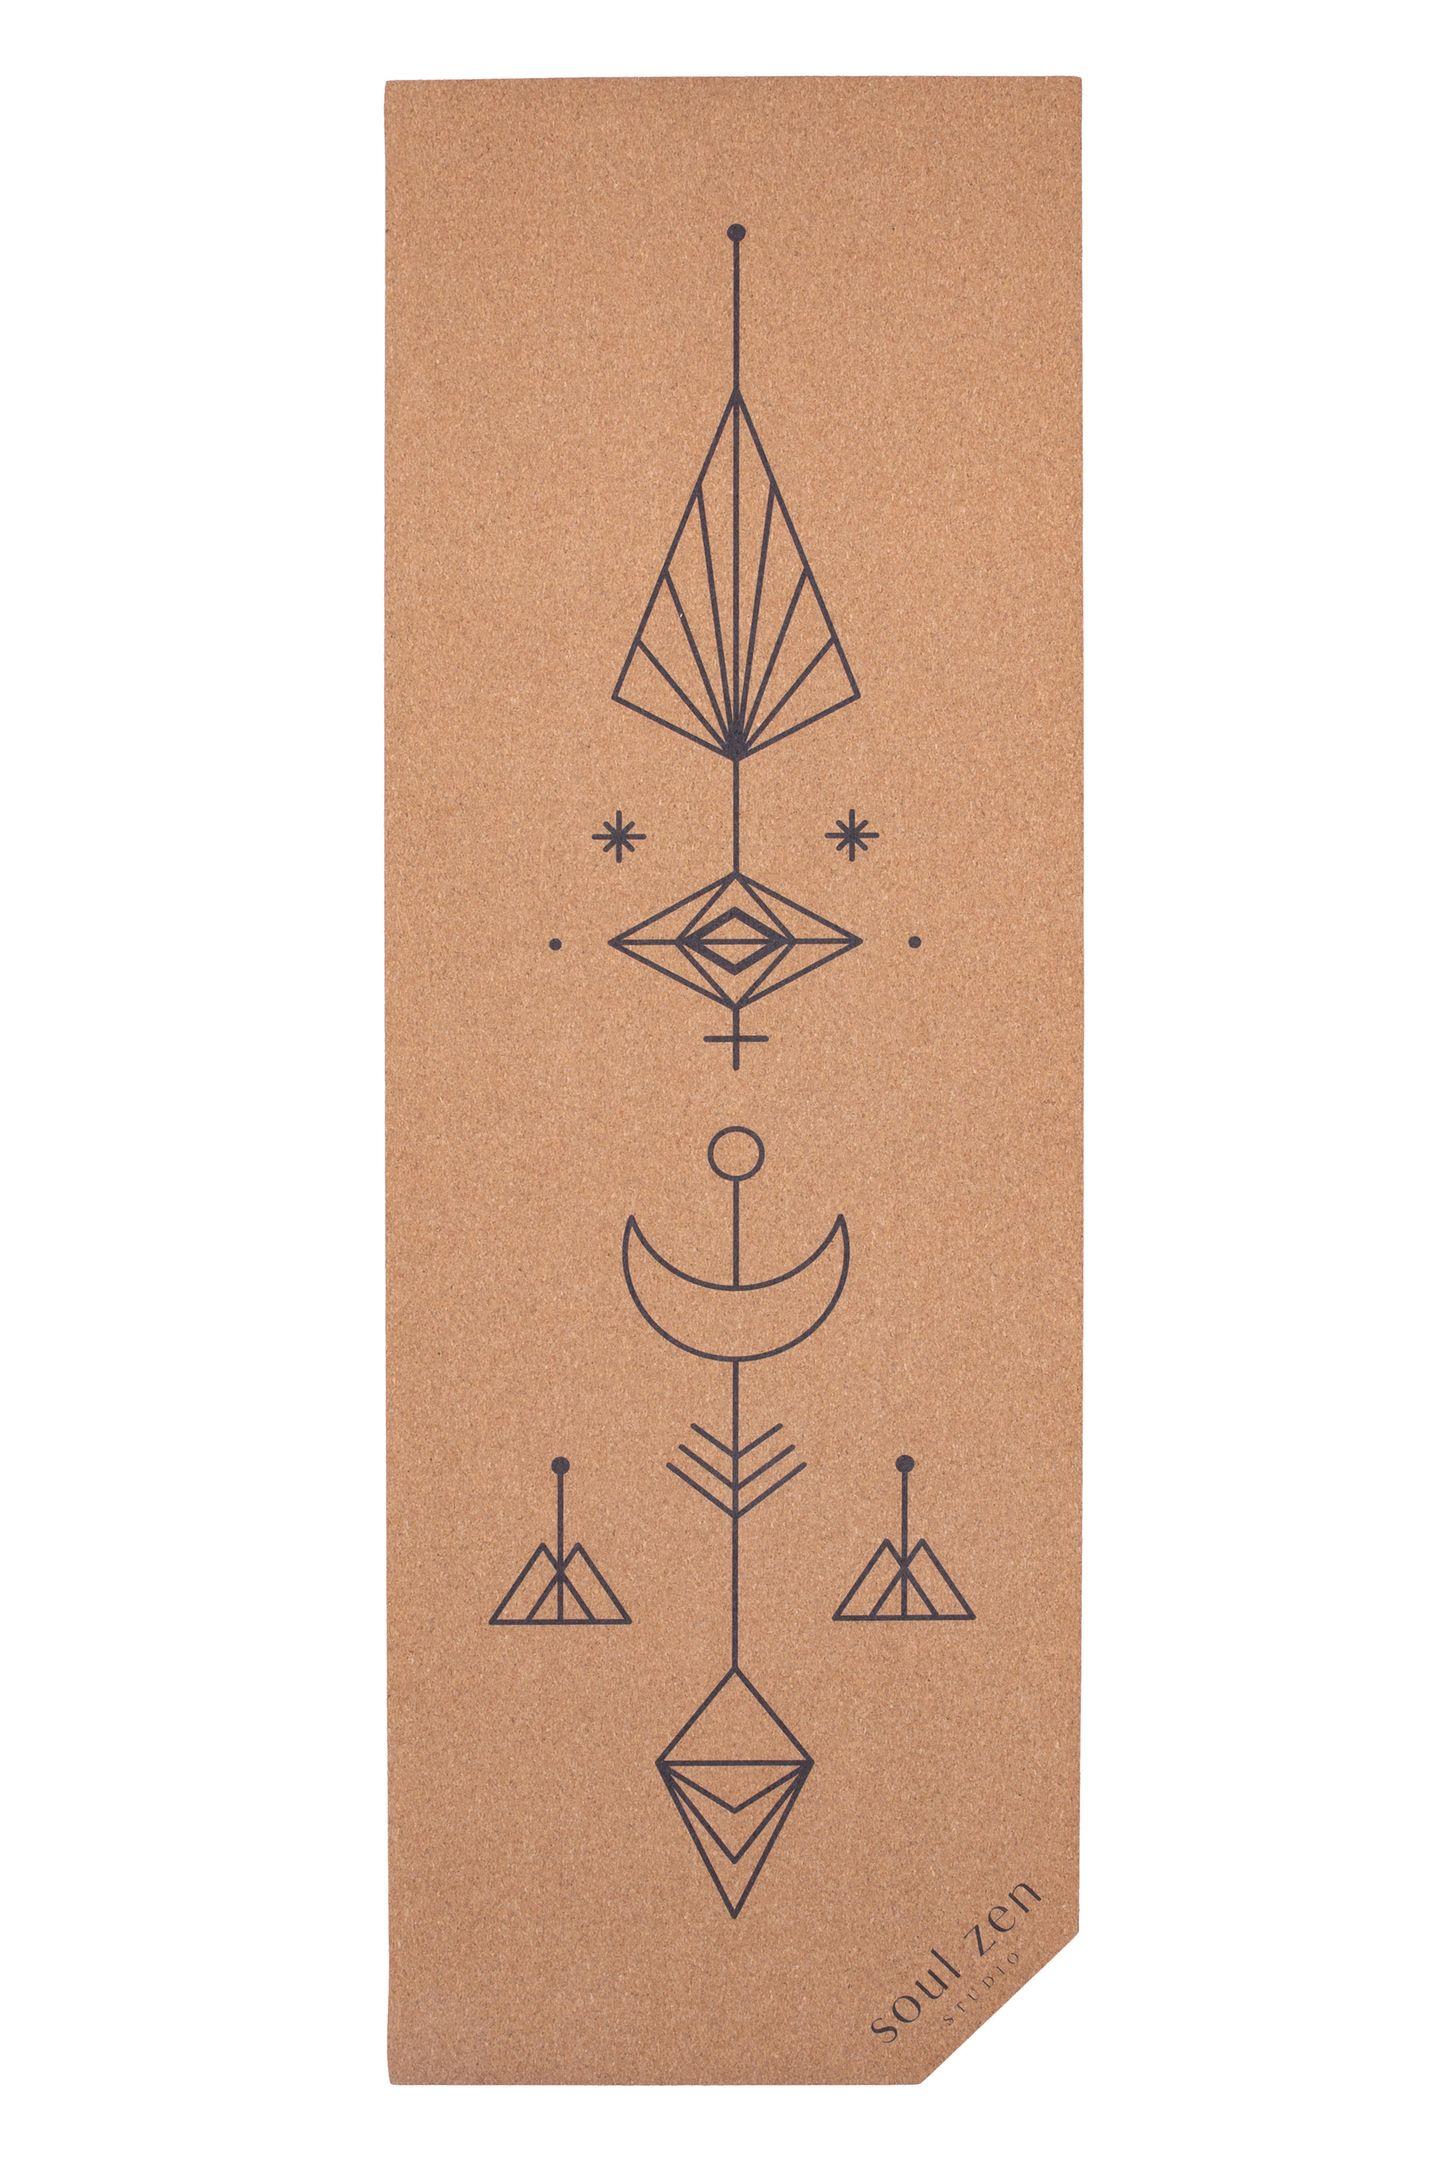 """Im Yoga-Kosmos schwebt uns eine Geschenkidee besonders vor: Die Korkmatte """"Komet"""" von SoulZen, die mit einem graphischen Motiv kommt und uns allein beim Ansehen beruhigt. Von SoulZen, ca. 79 Euro"""